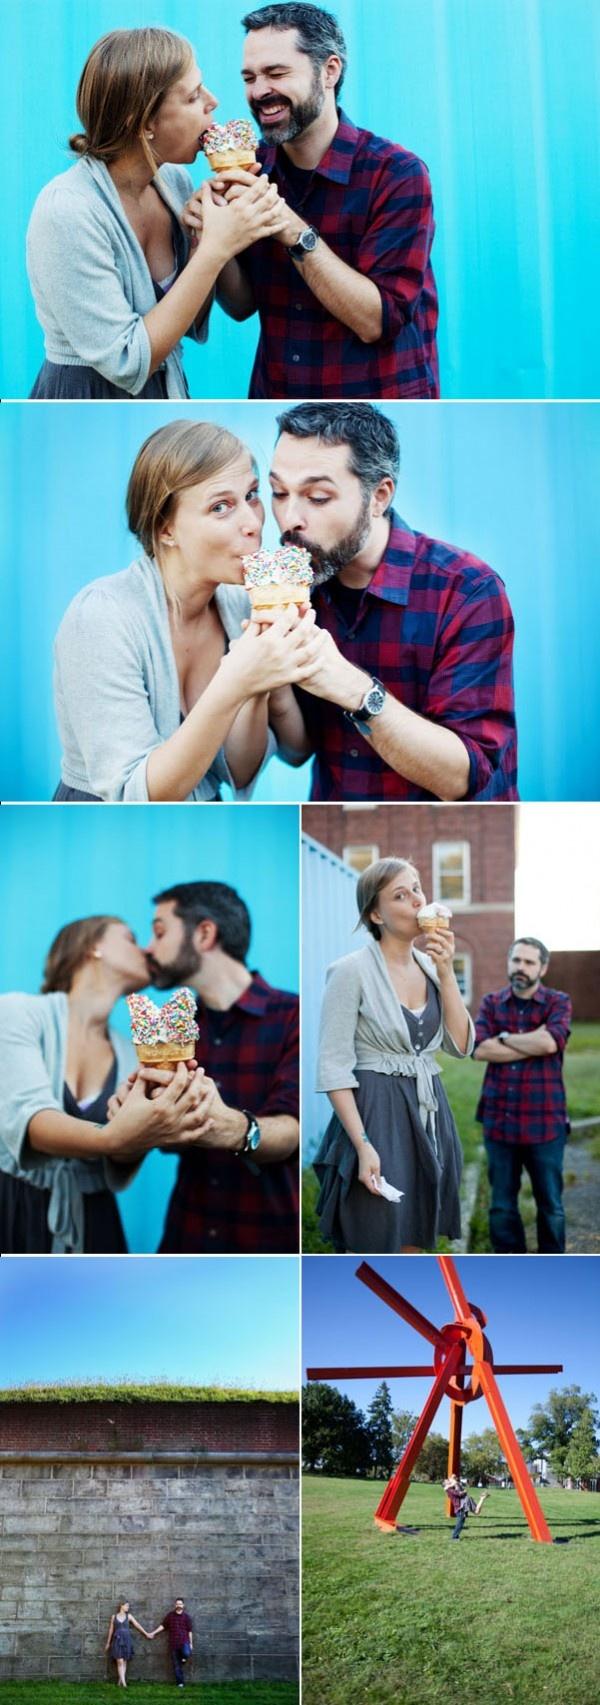 Cute engagement shootEngagement Pictures, Cream Engagement, Cream Pictures, Engagement Photography, Engagement Shoots, Engagement Couples, Couples Shoots, Kristina Hills, Ice Cream Cones